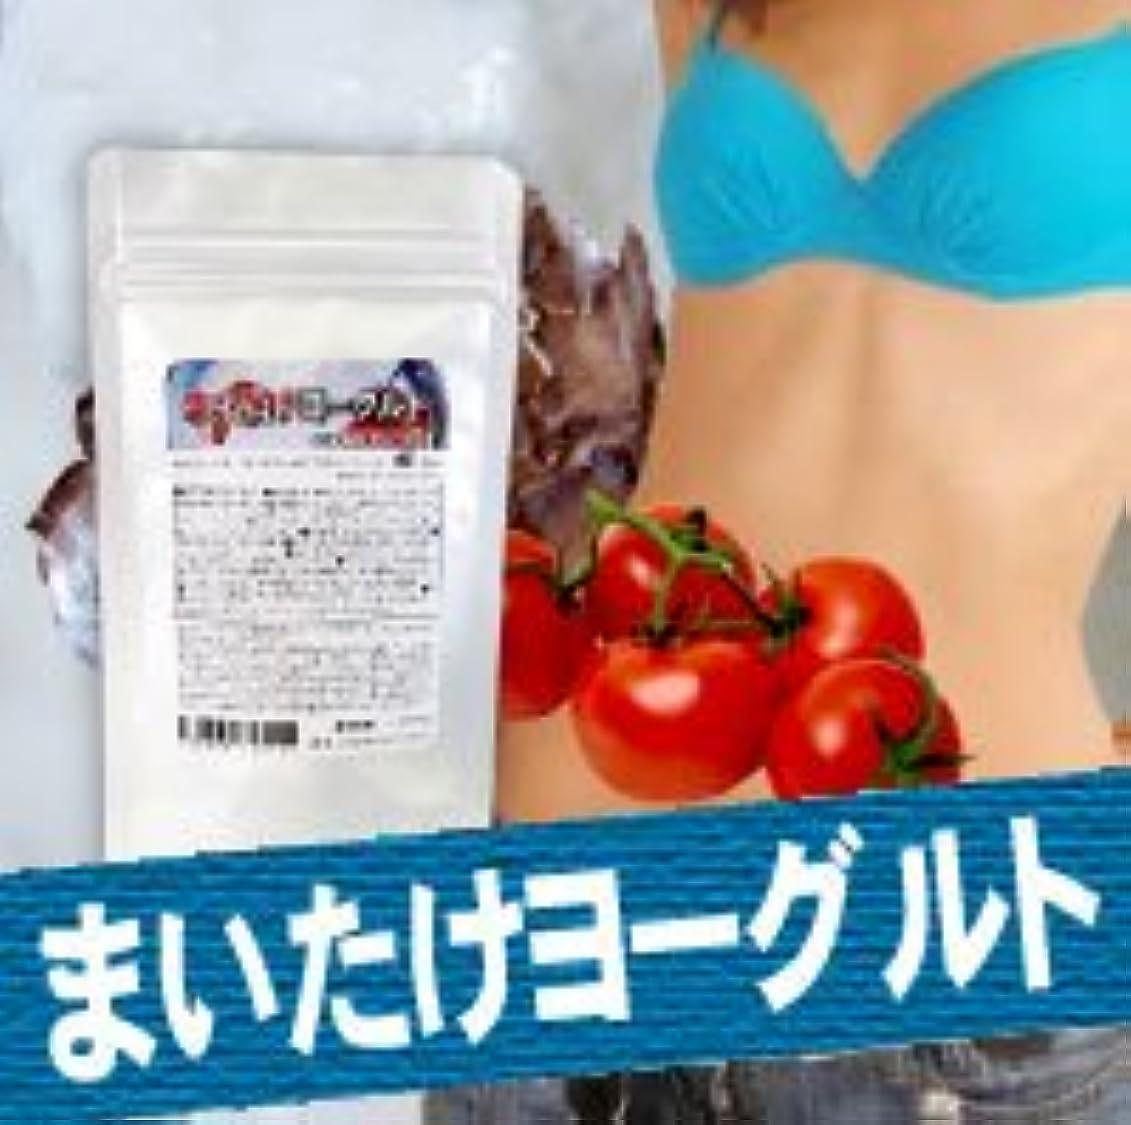 発動機オーラル提案するダイエットサプリメント【まいたけヨーグルト×2個】TVで話題の舞茸、ヨーグルト、トマト